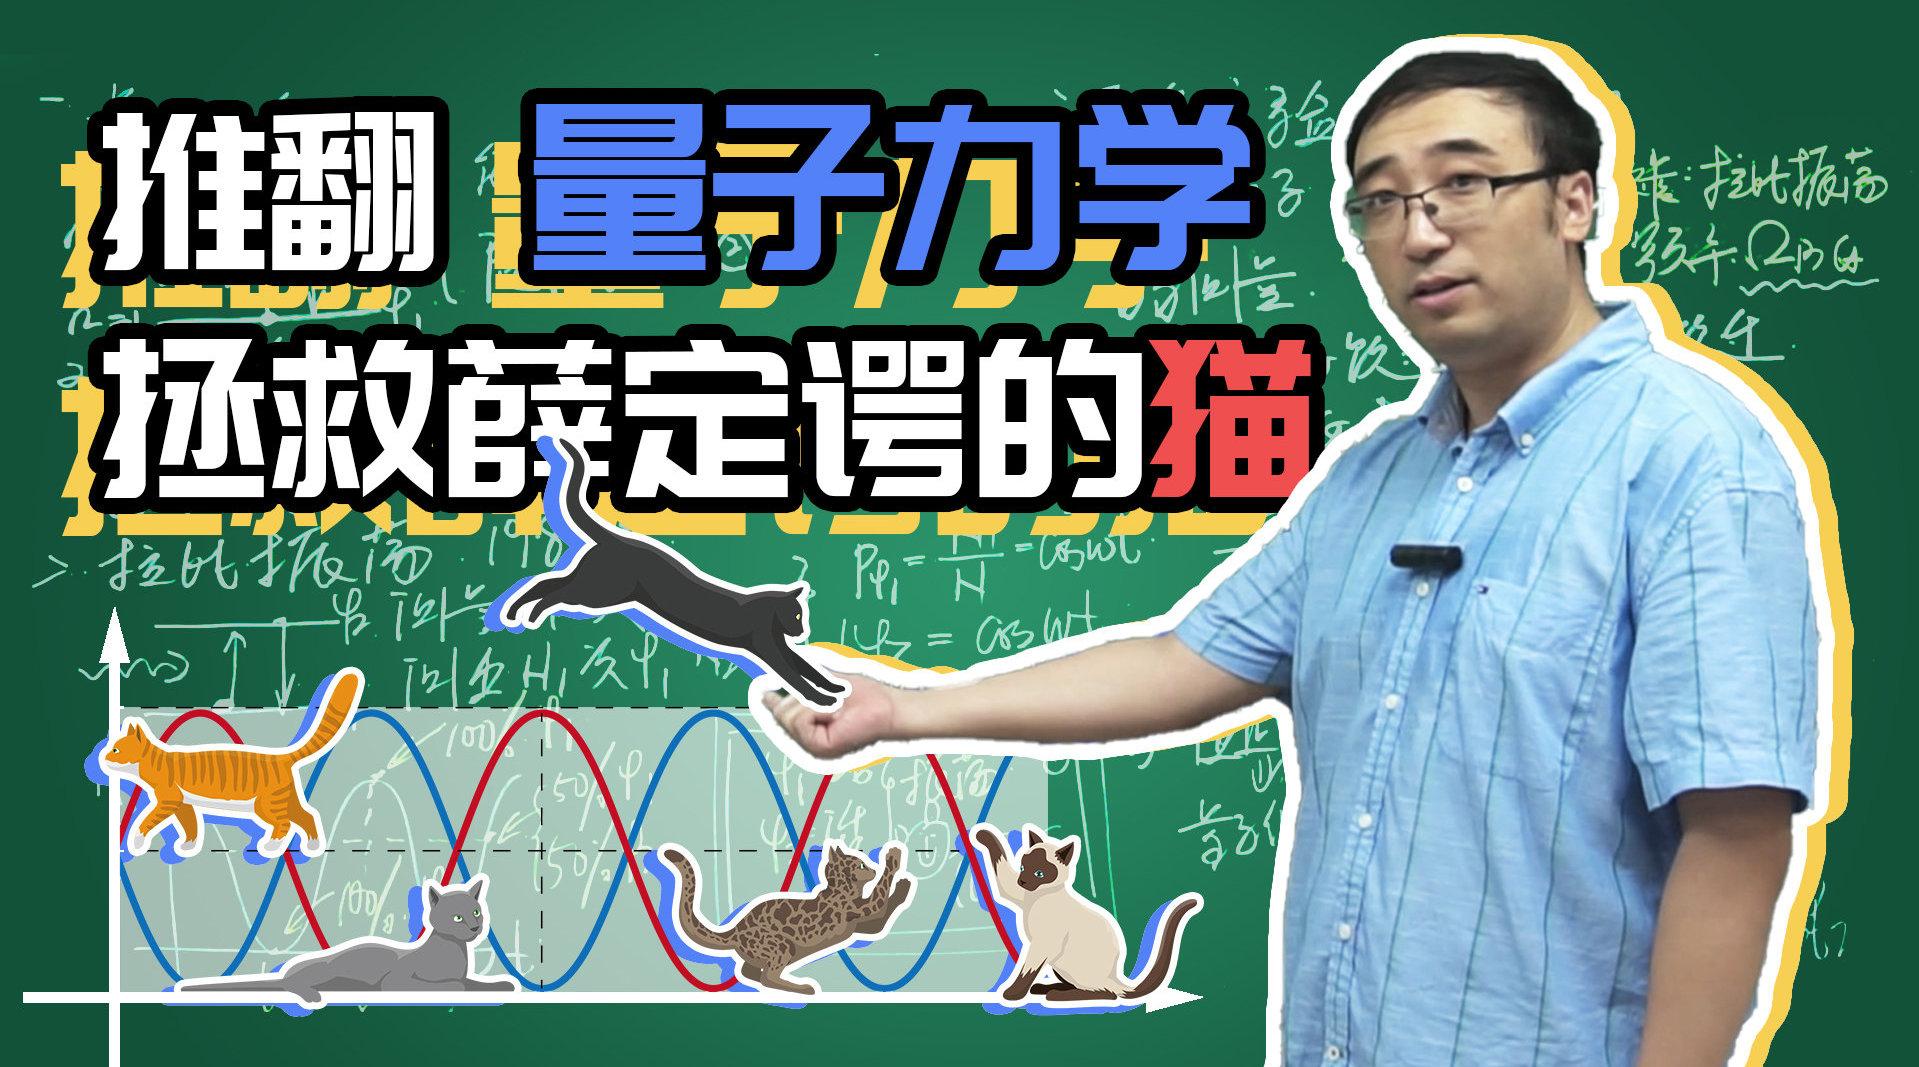 耶鲁大学的实验推翻了量子力学吗?如何拯救薛定谔的猫?